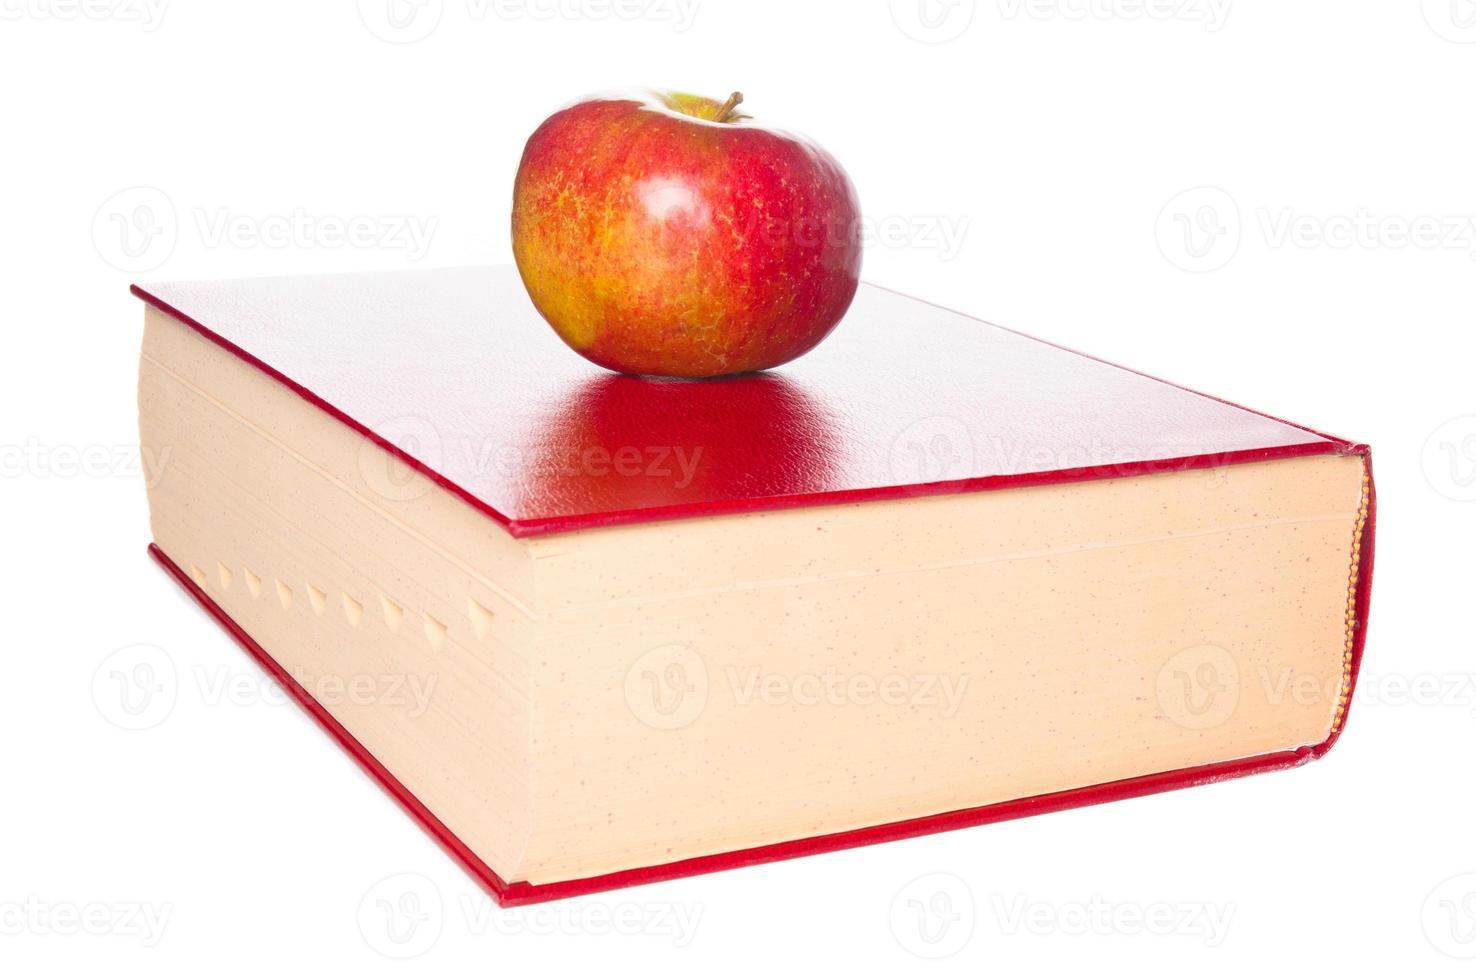 Diccionario y primer plano de manzana sobre fondo blanco. foto